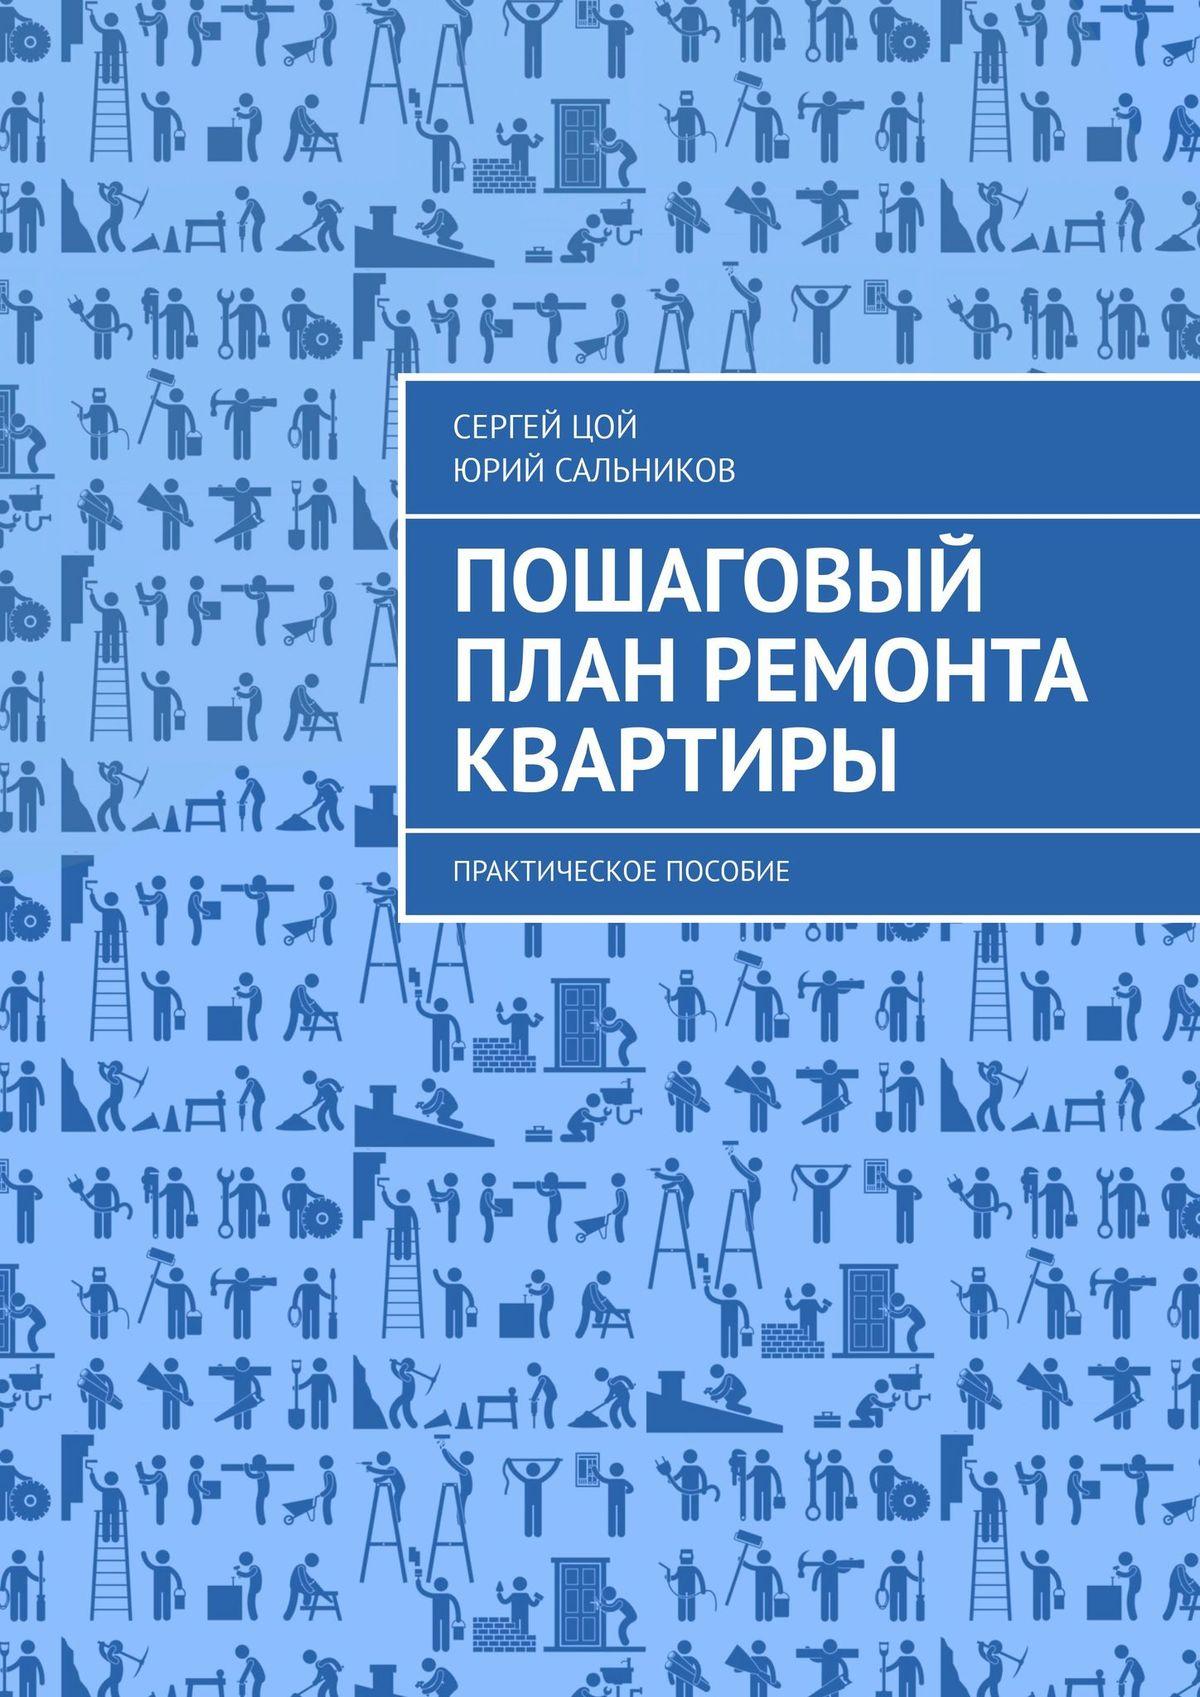 Сергей Цой Пошаговый план ремонта квартиры. Практическое пособие